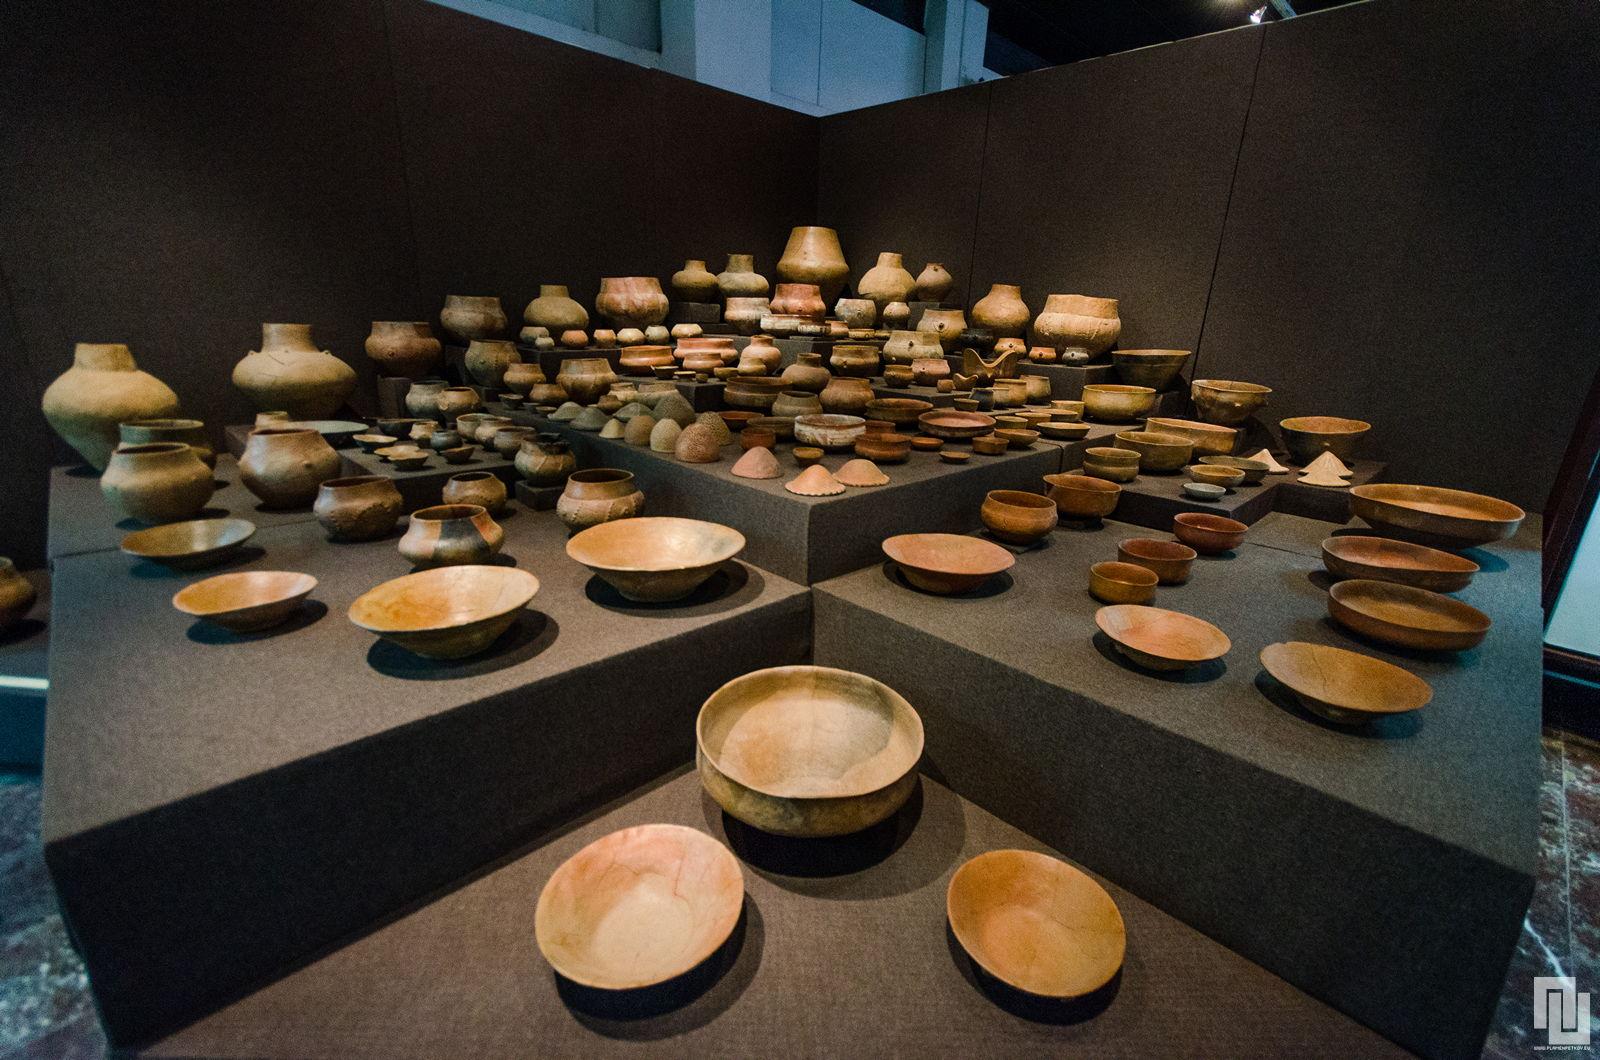 Археологически музей - Кабиле глинени съдове